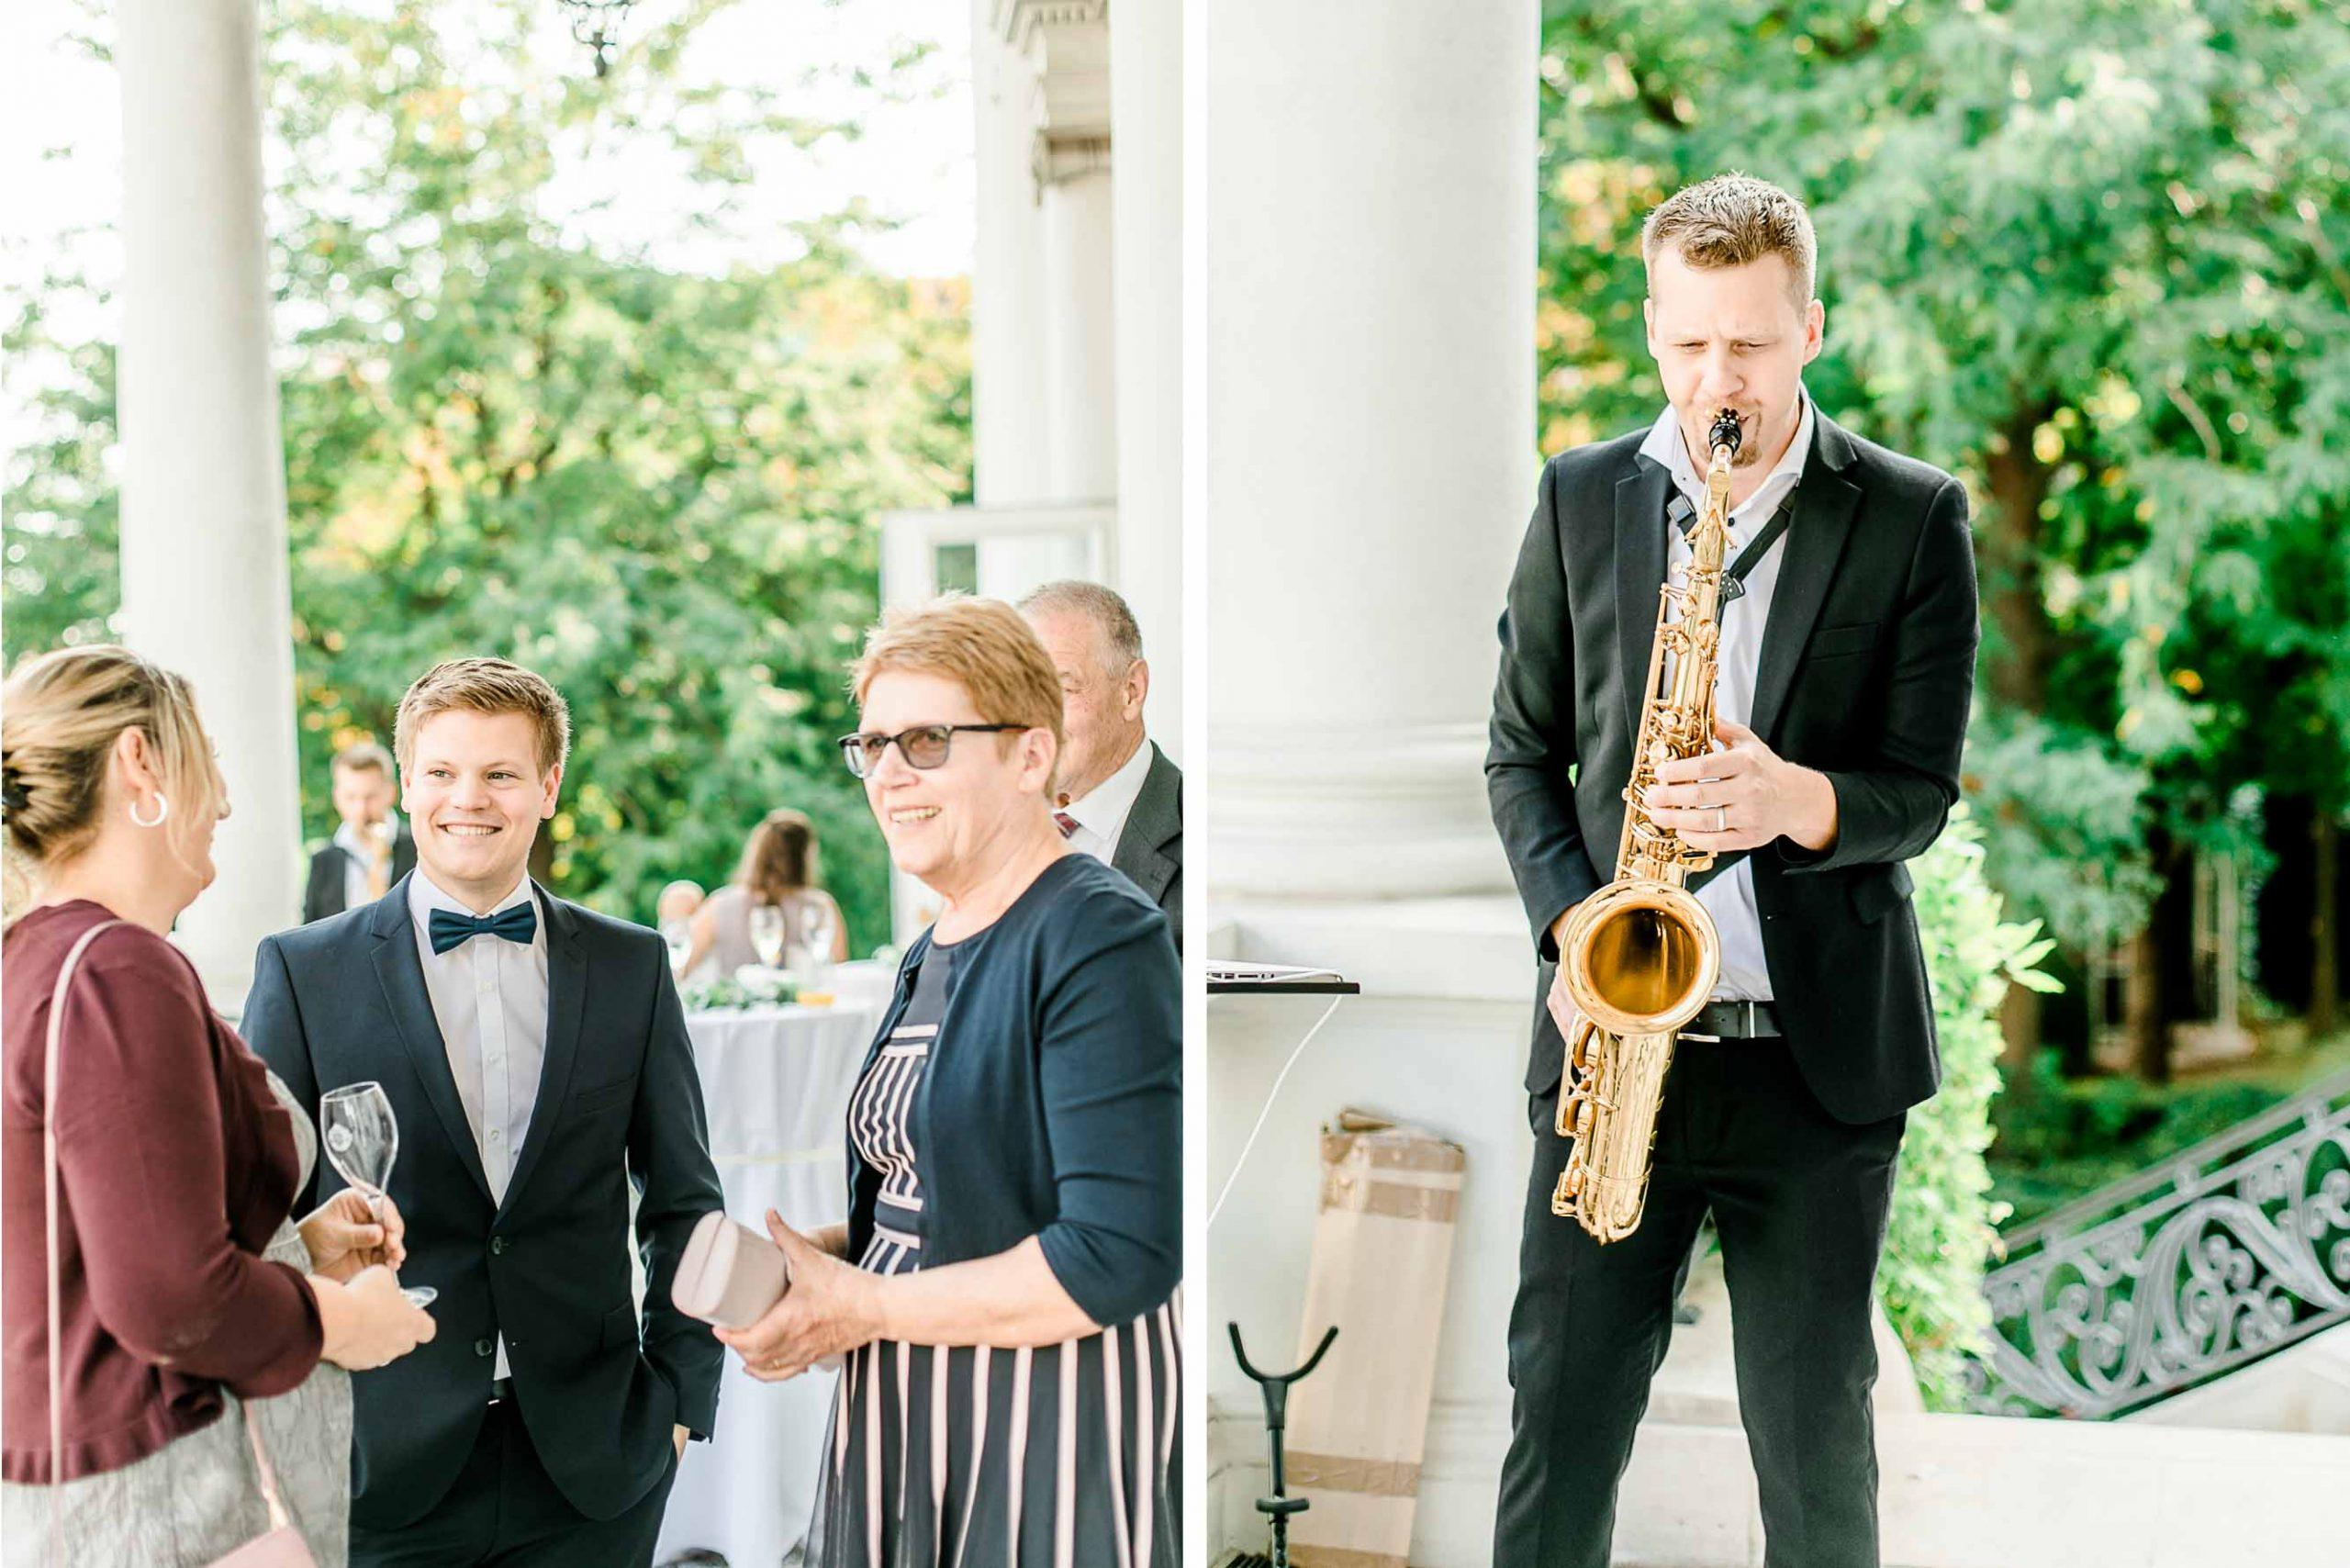 Mödling Hochzeitsfotograf Wien heiraten Palais Coburg Hochzeit Fiaker fahren Luxushochzeit Palais Hochzeit Wien